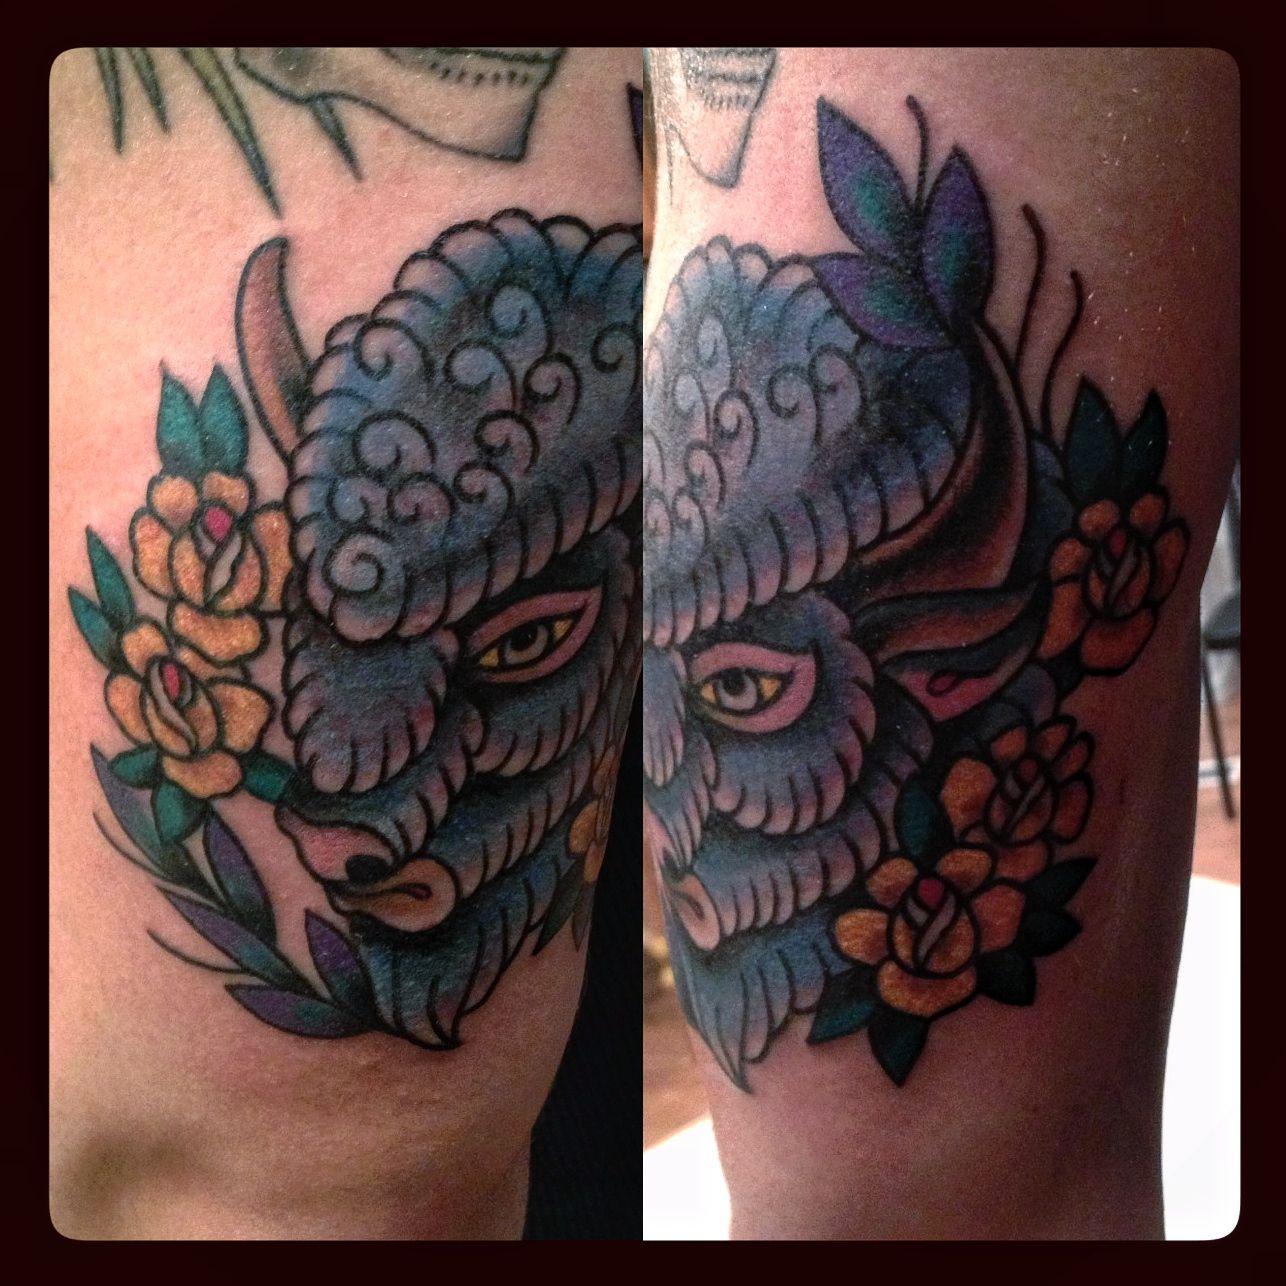 White Buffalo Tattoo | My Decorated Temple | Buffalo tattoo, Tattoos ...